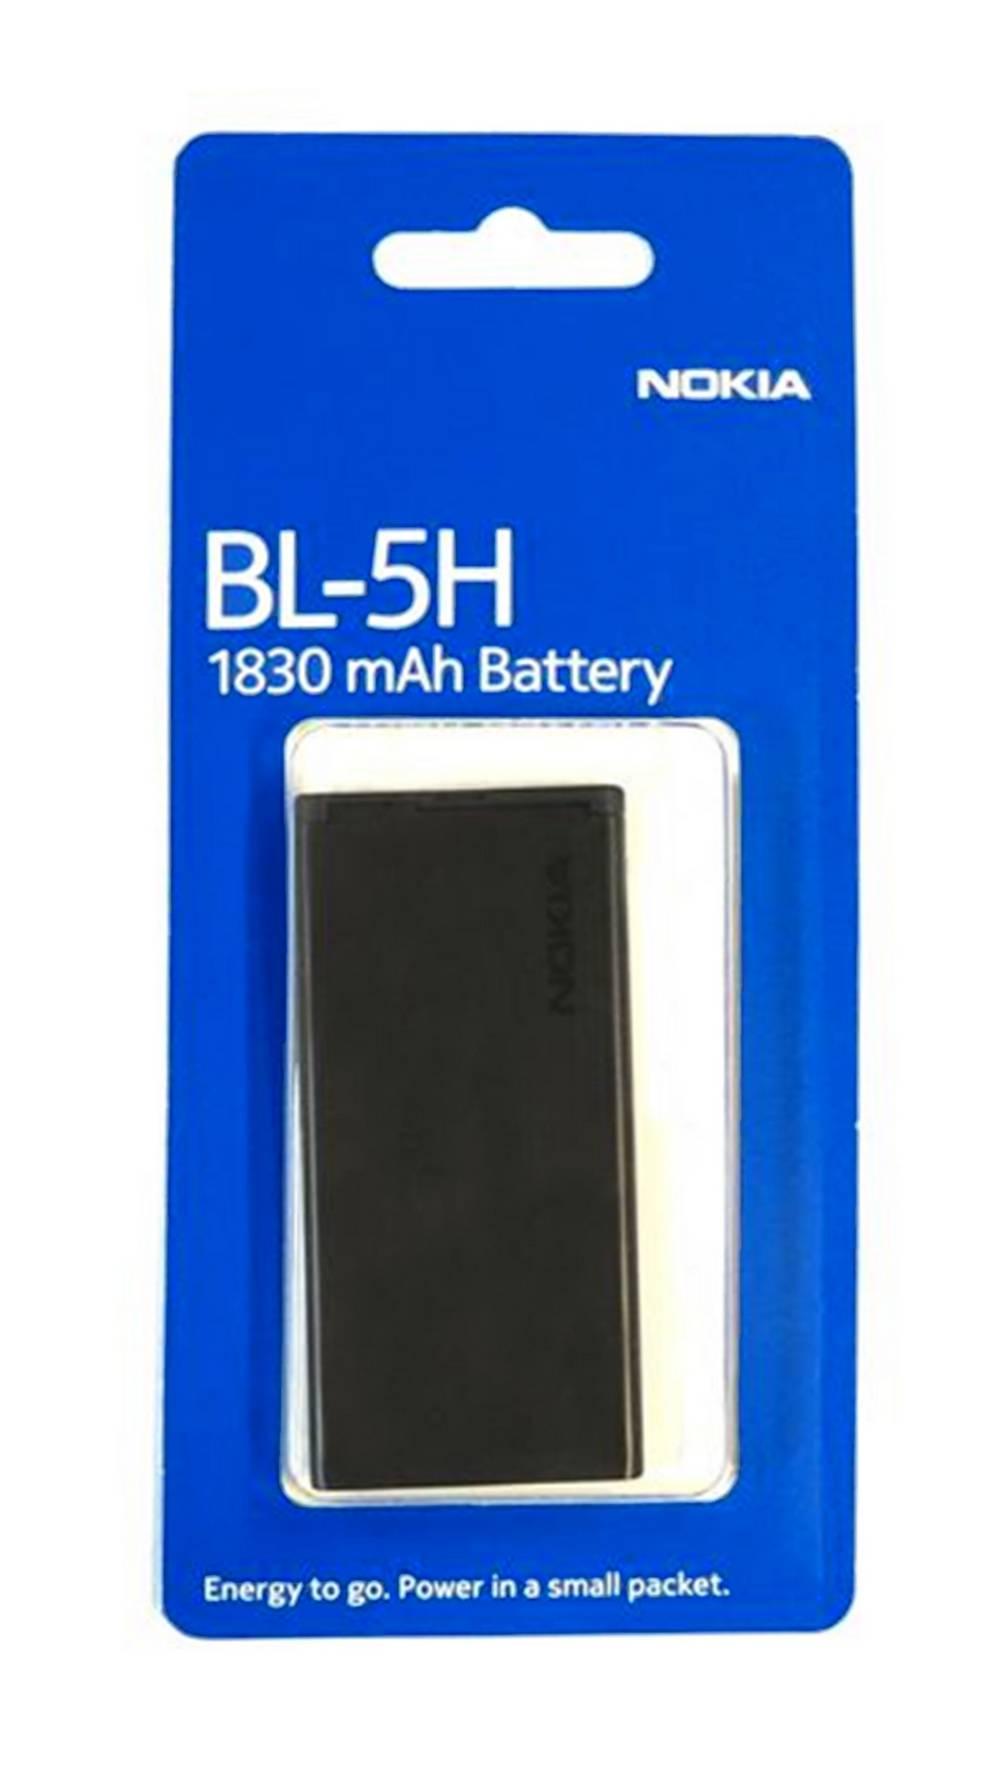 Μπαταρία Nokia BL-5H για Lumia 630/635